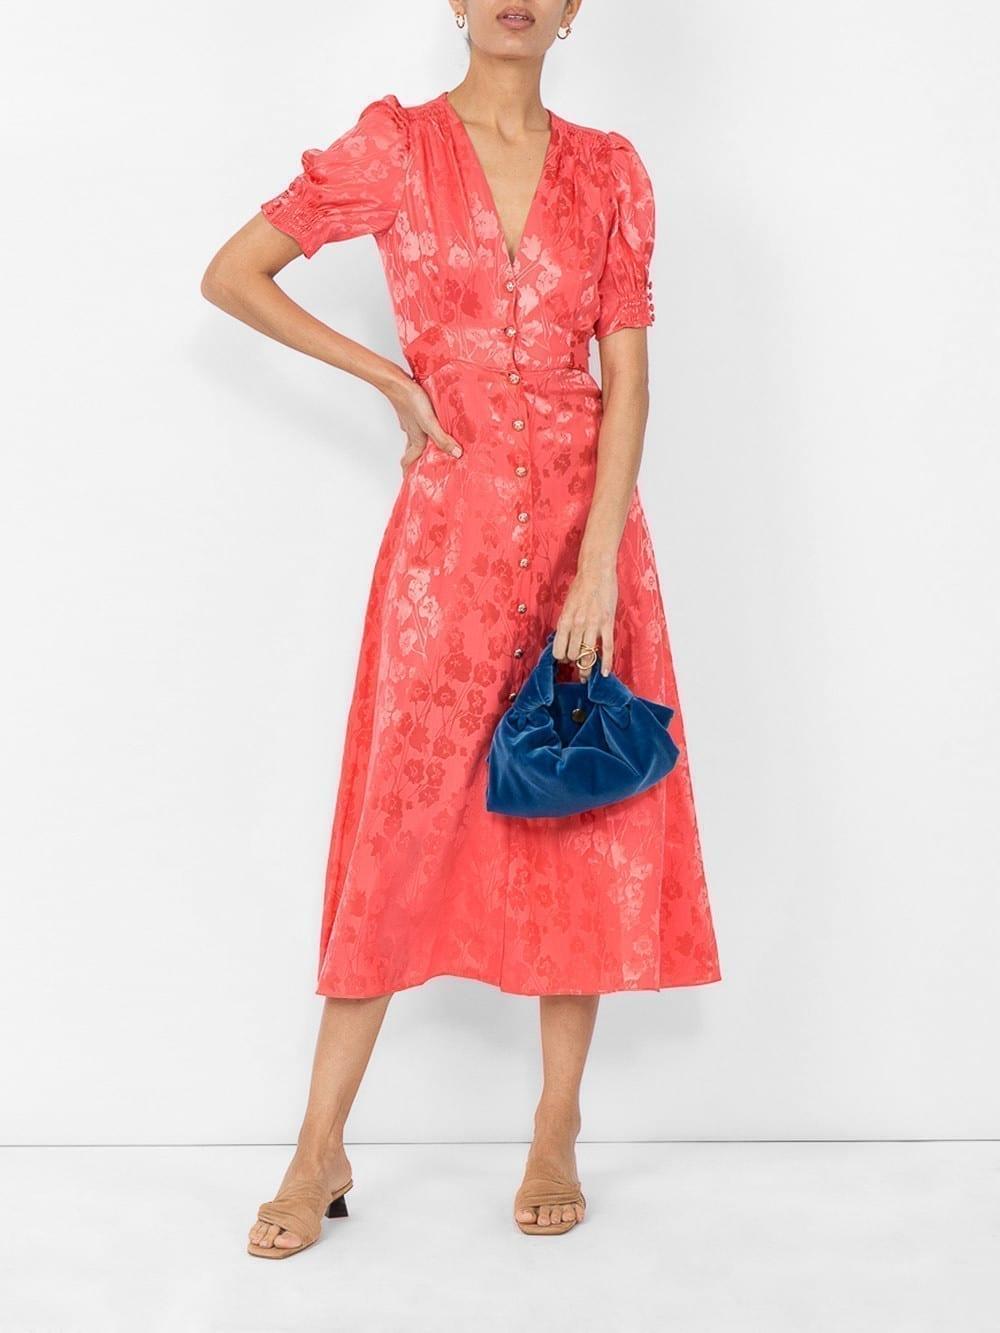 SALONI Stamped Satin Orange Dress